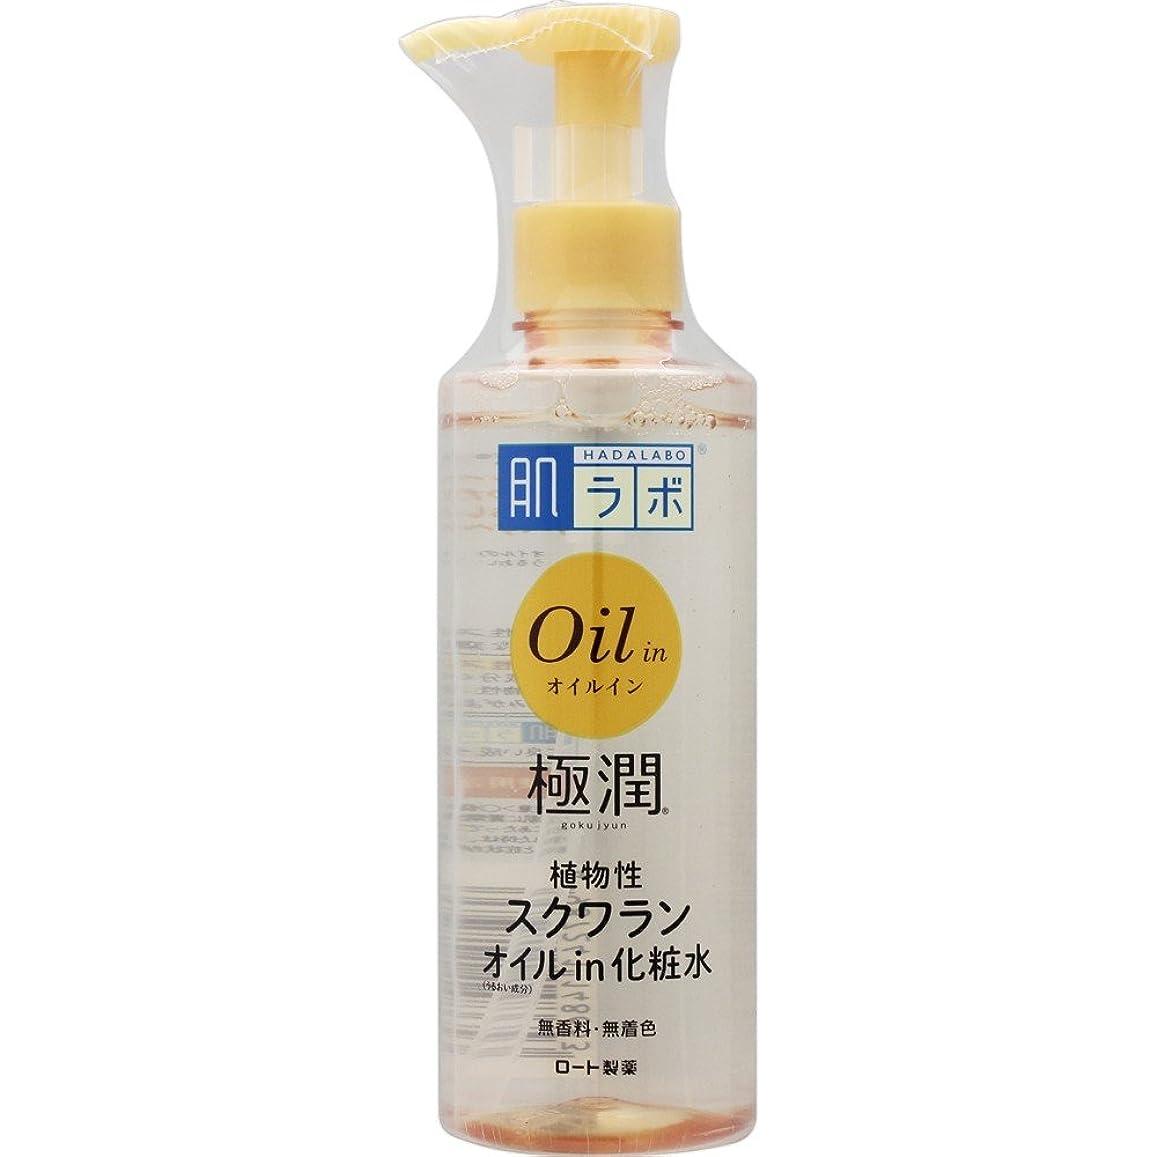 ぼろオセアニア私たちの肌ラボ 極潤オイルイン化粧水 植物性スクワランオイル配合 220ml